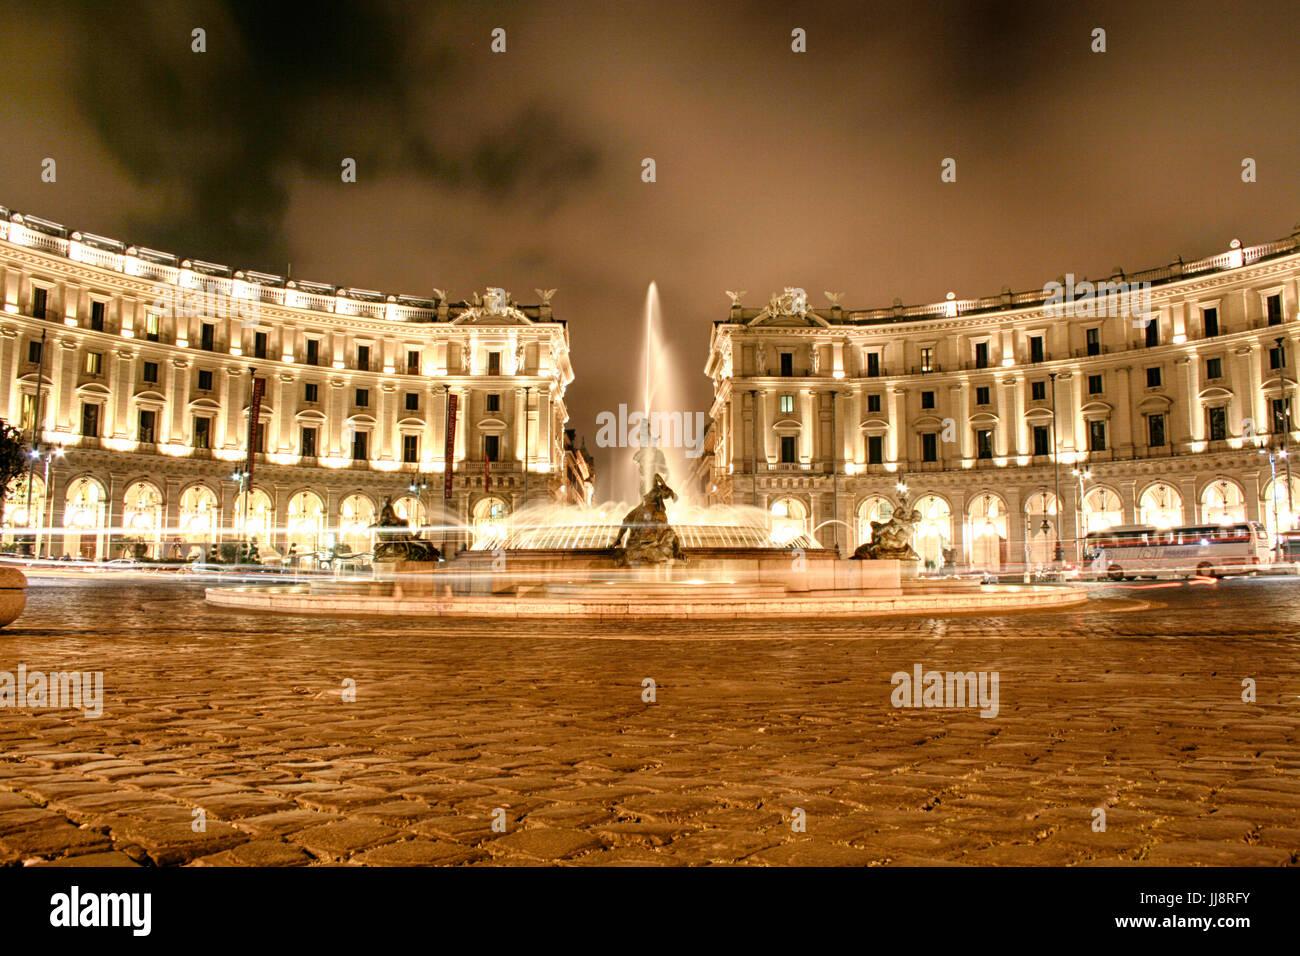 The Fountain at Piazza della Repubblica and Piazza Esedra in Rome, Italy - Stock Image